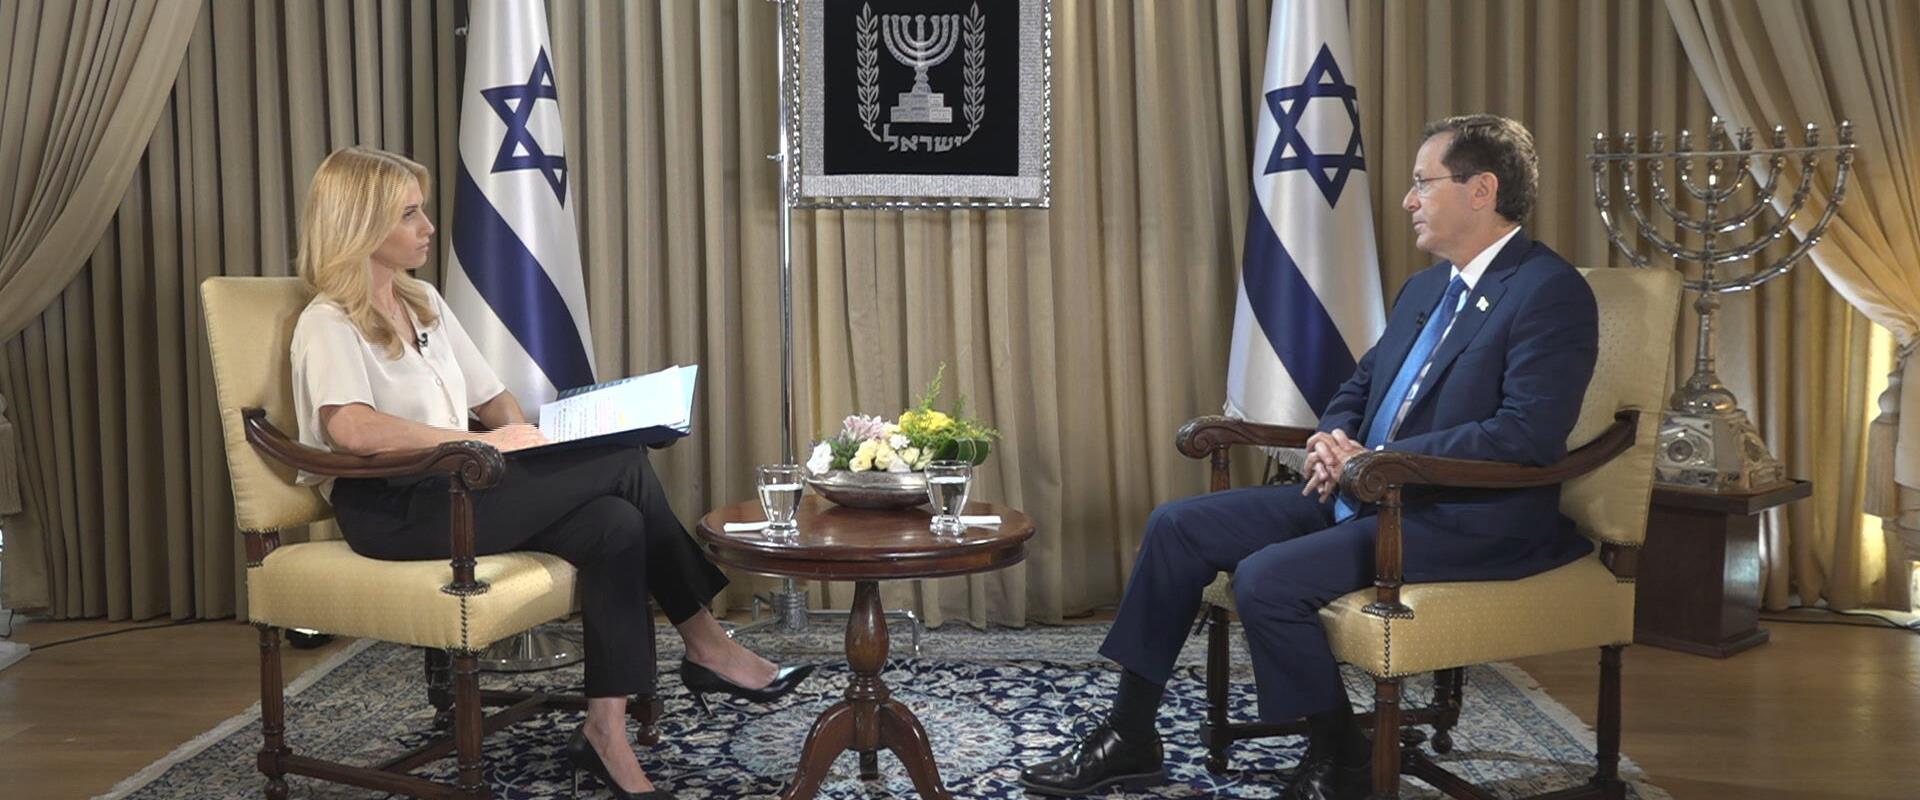 נשיא המדינה יצחק הרצוג בריאיון לחדשות הערב